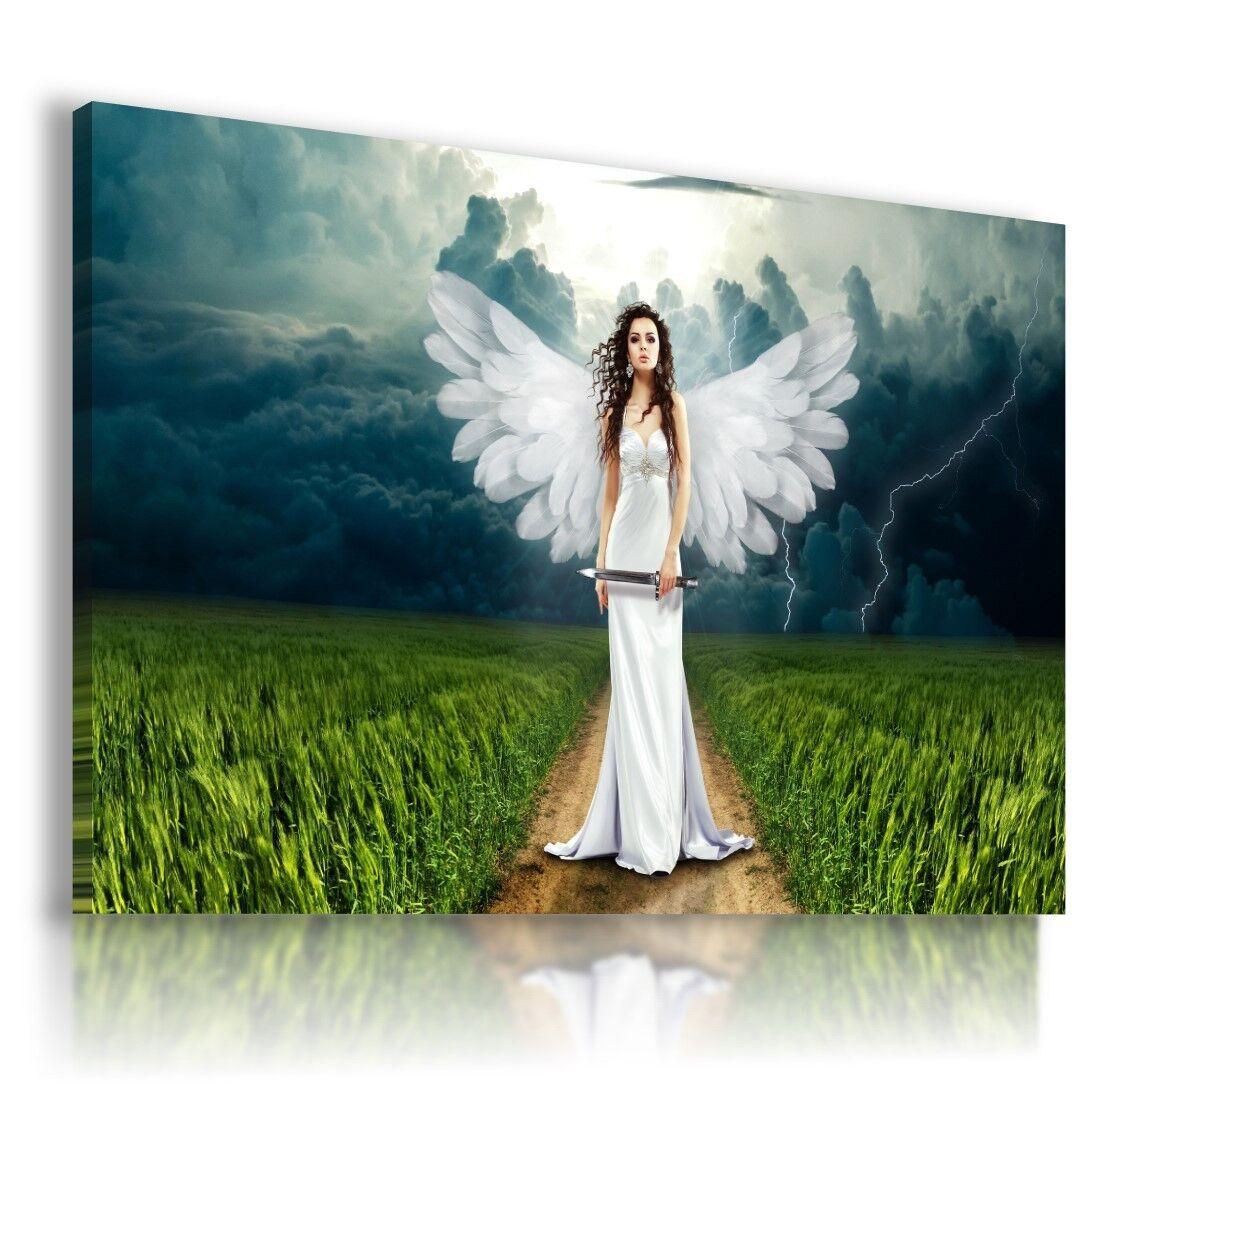 DONNA ANGELO ALI BIANCHE art. a muro per capelli foto di grandi dimensioni WS58 x mataga.